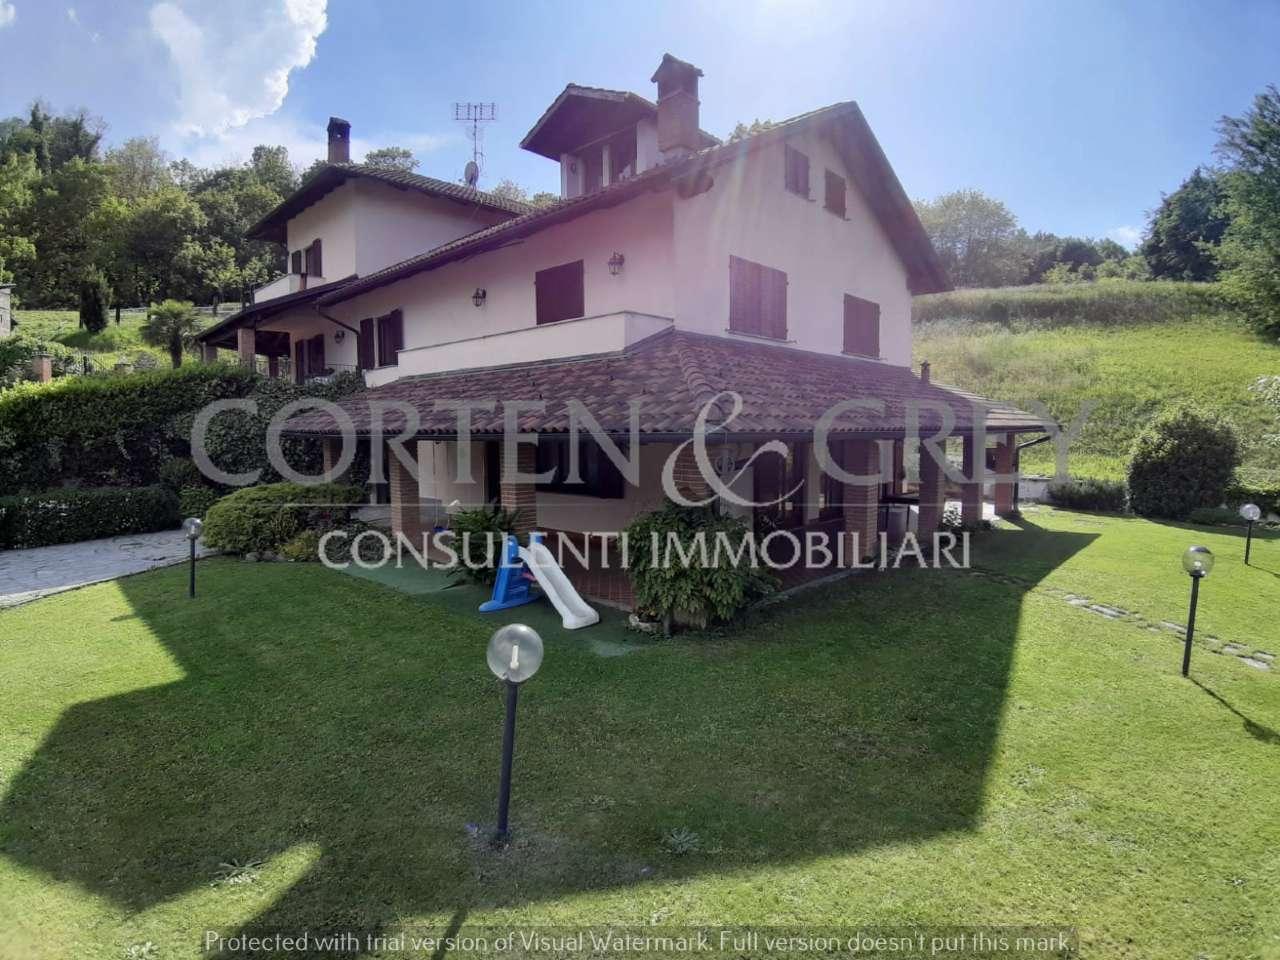 Soluzione Semindipendente in vendita a Sciolze, 4 locali, prezzo € 330.000 | PortaleAgenzieImmobiliari.it